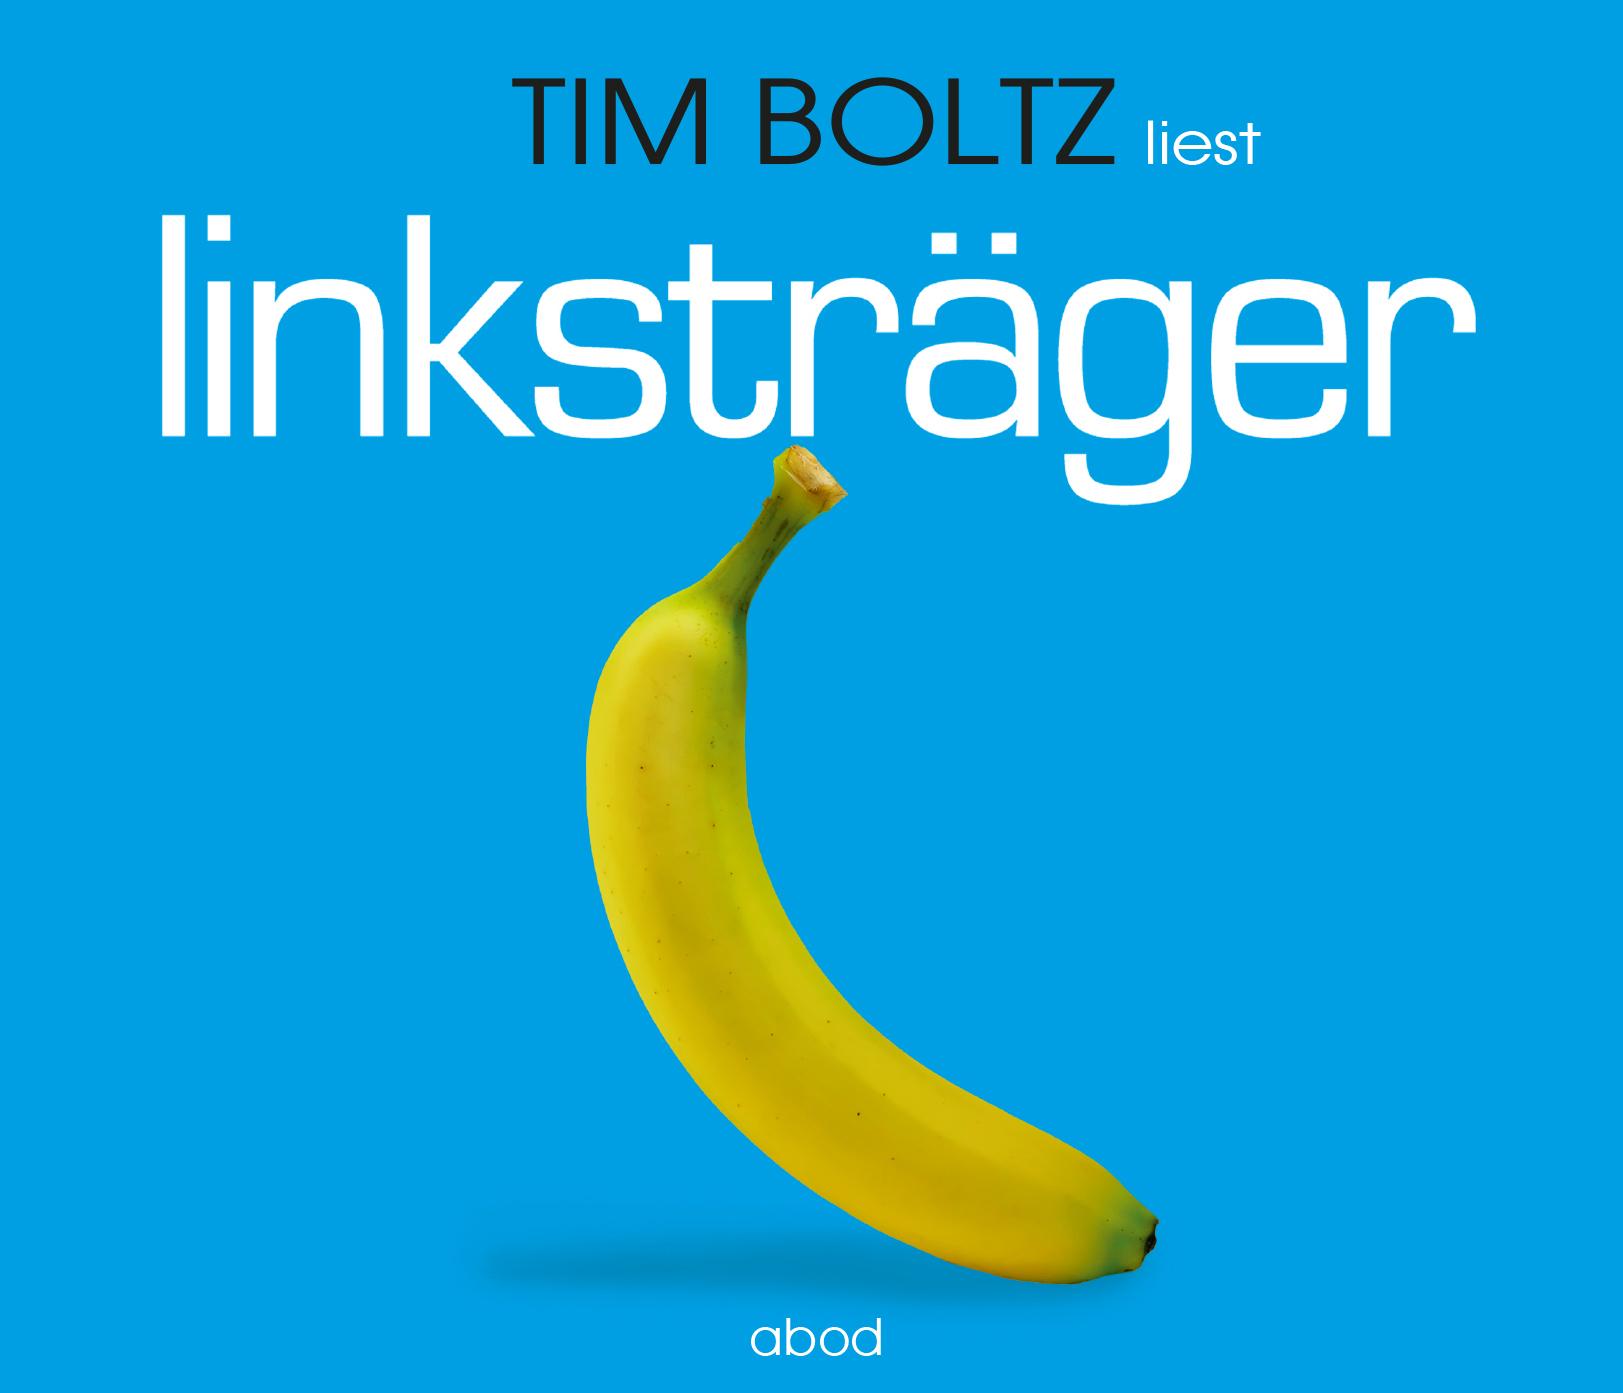 Linksträger Tim Boltz